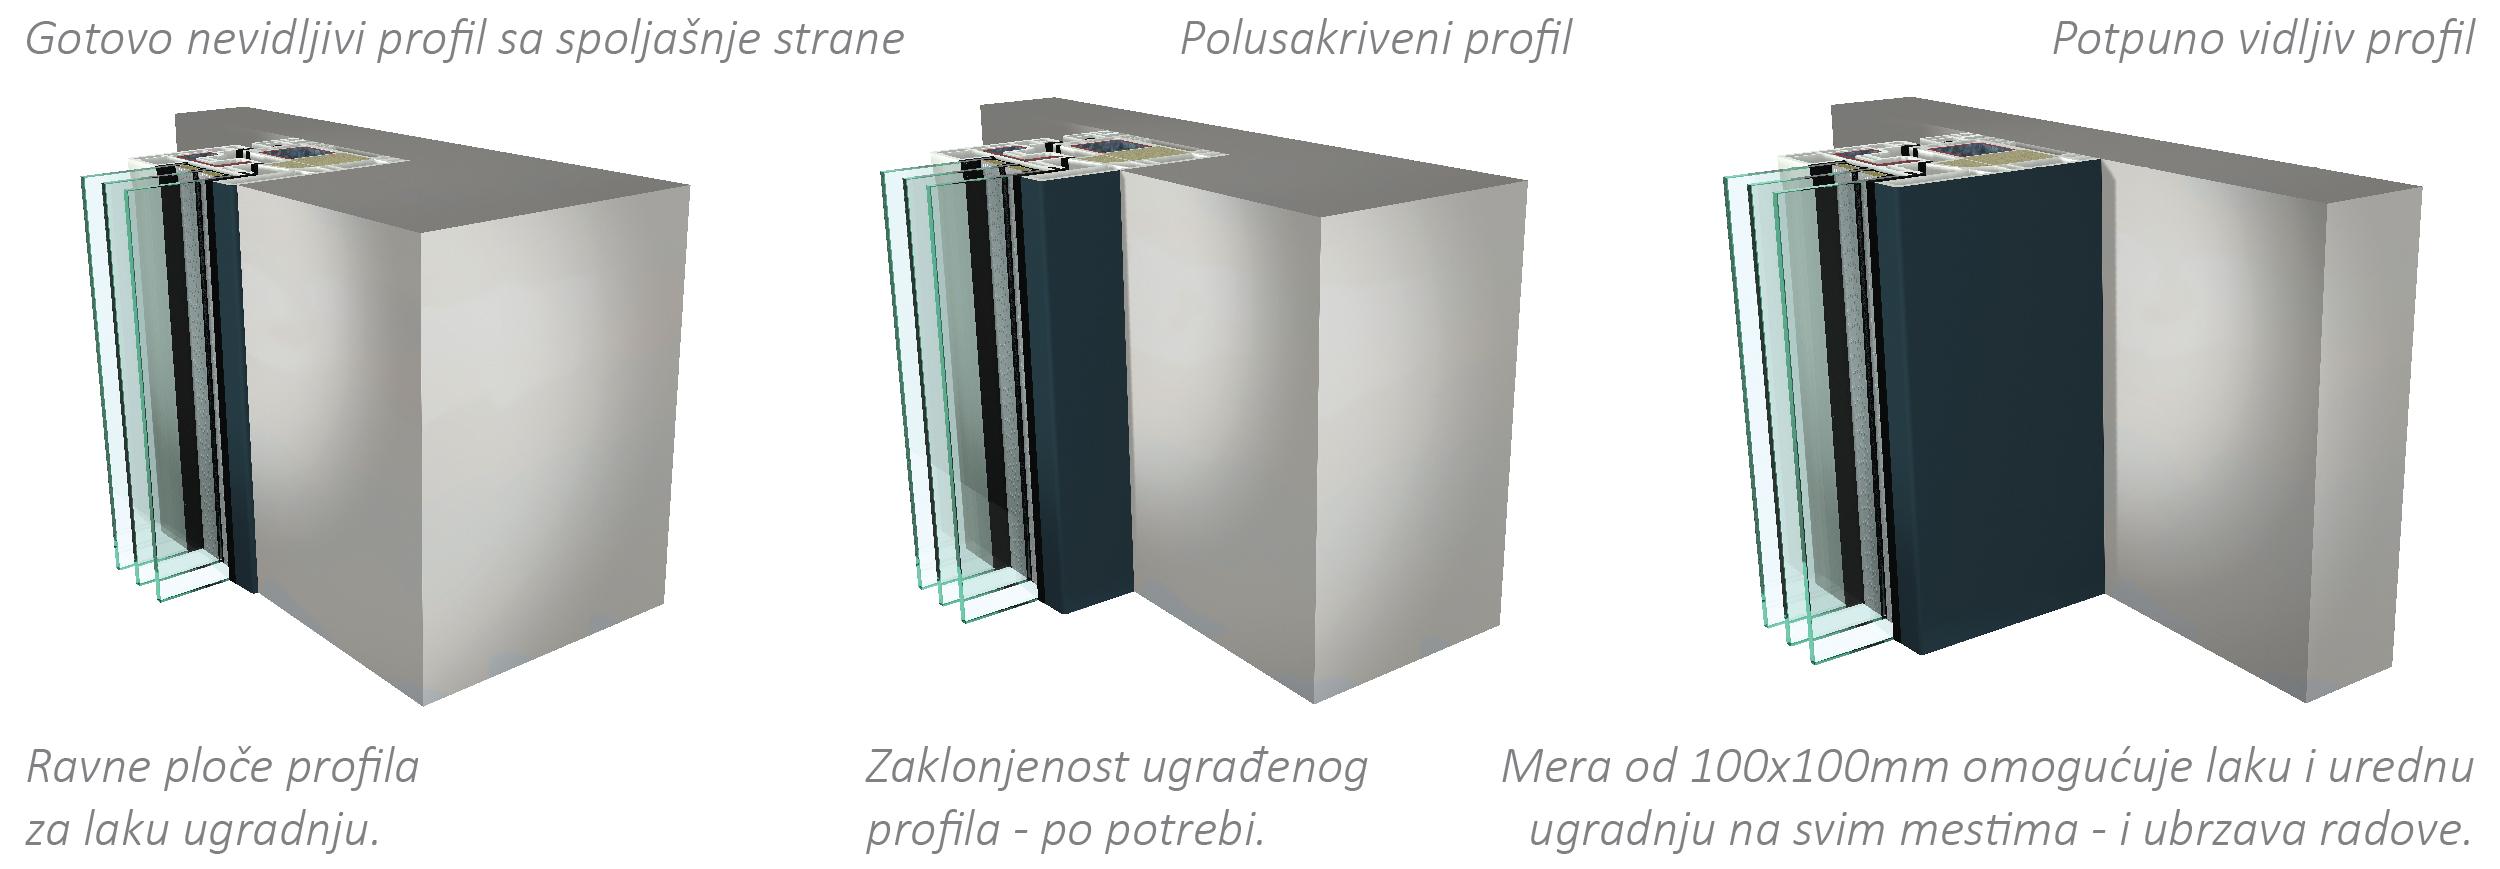 GEALAN-KUBUS® kao potpuno novi dizajn za PVC prozore u arhitekturi